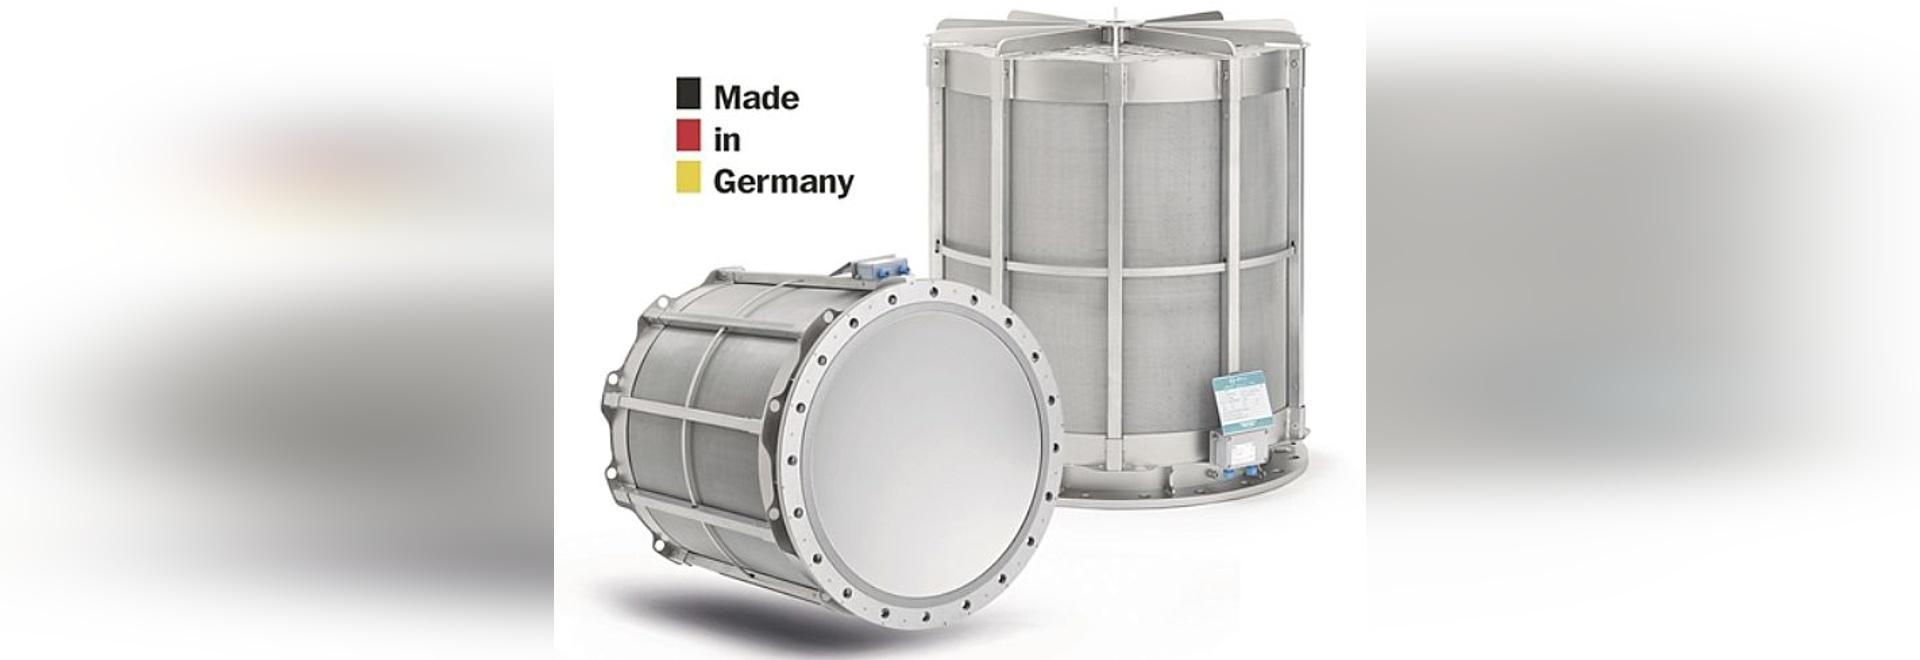 Sûreté d'explosion pour le duel-carburant et des moteurs de GNL : Q-Rohr® DFE reçoit le quatrième certificat de classe